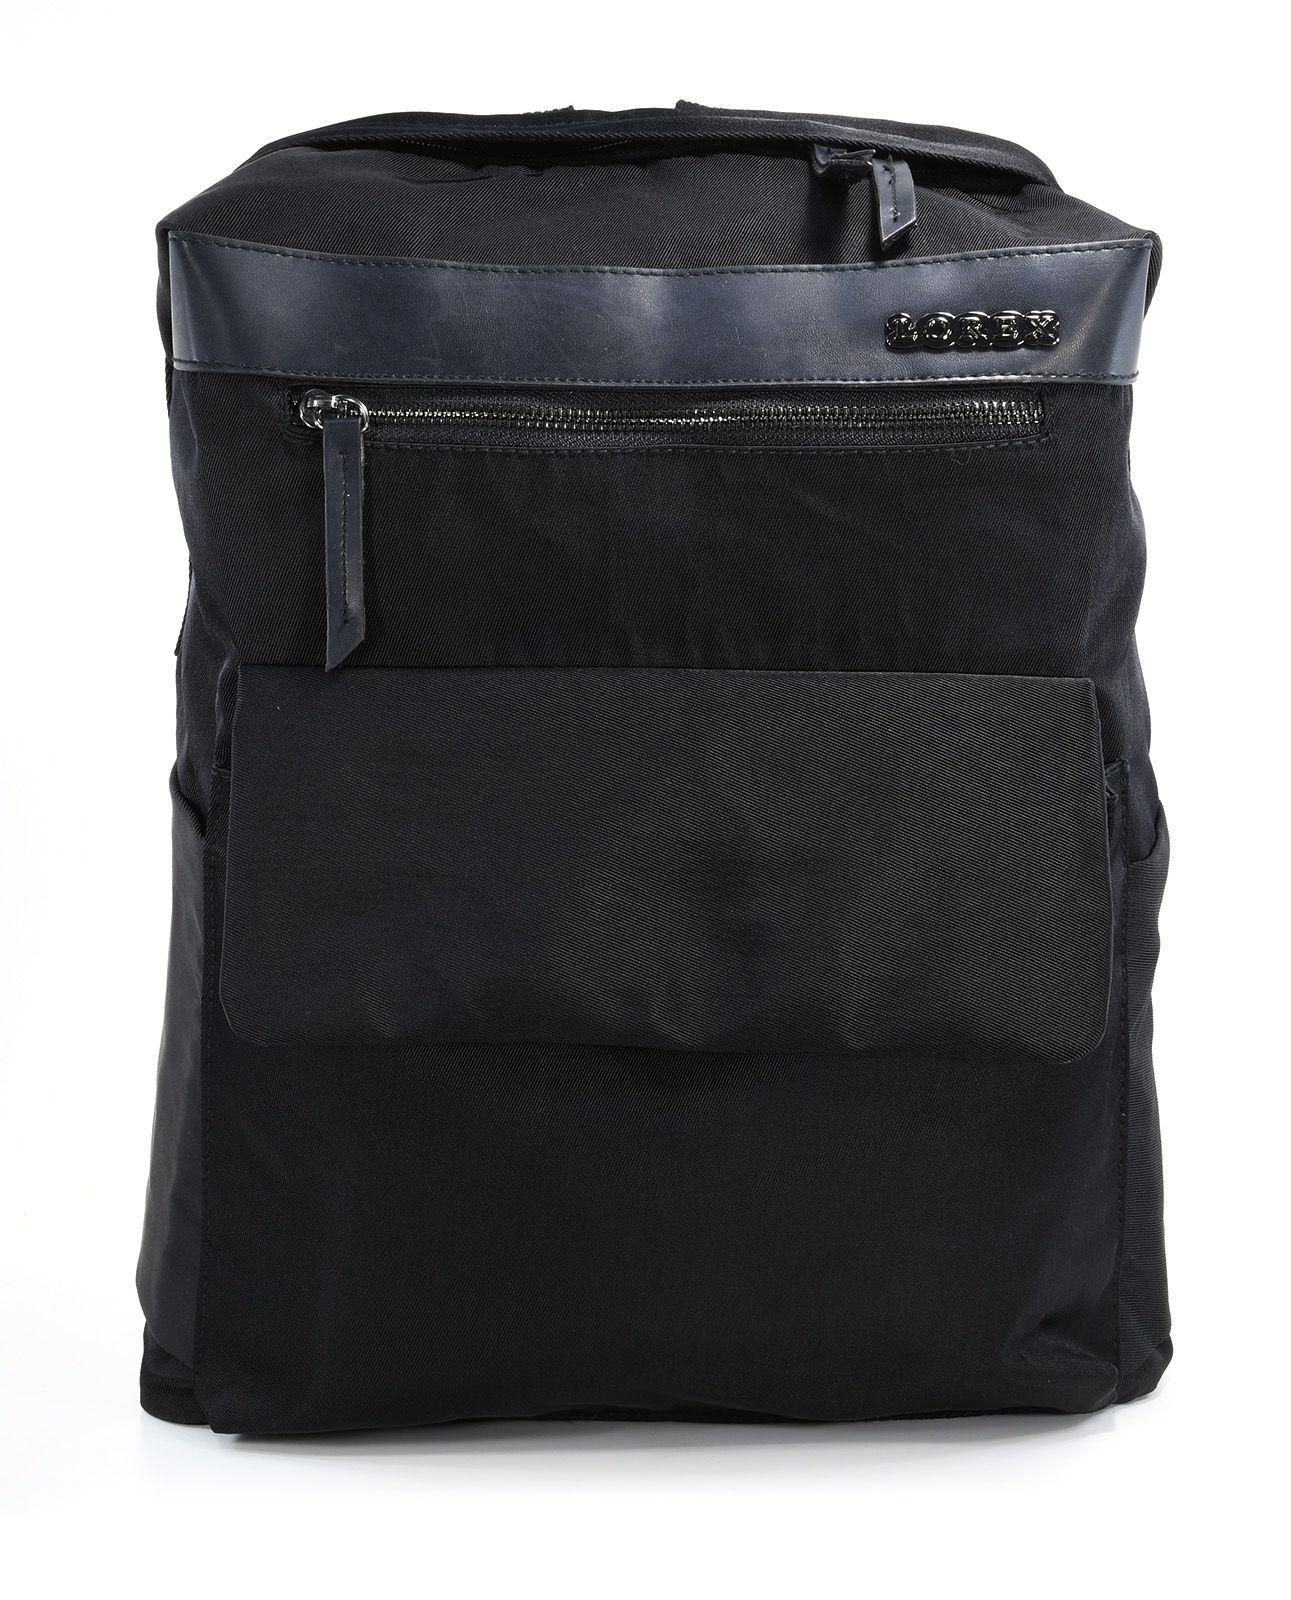 Рюкзак LOREX TOTAL BLACK, модель ERGONOMIC M8, мягкий, односекционный, 39x30x14 см, 16 л, черный, универсальный